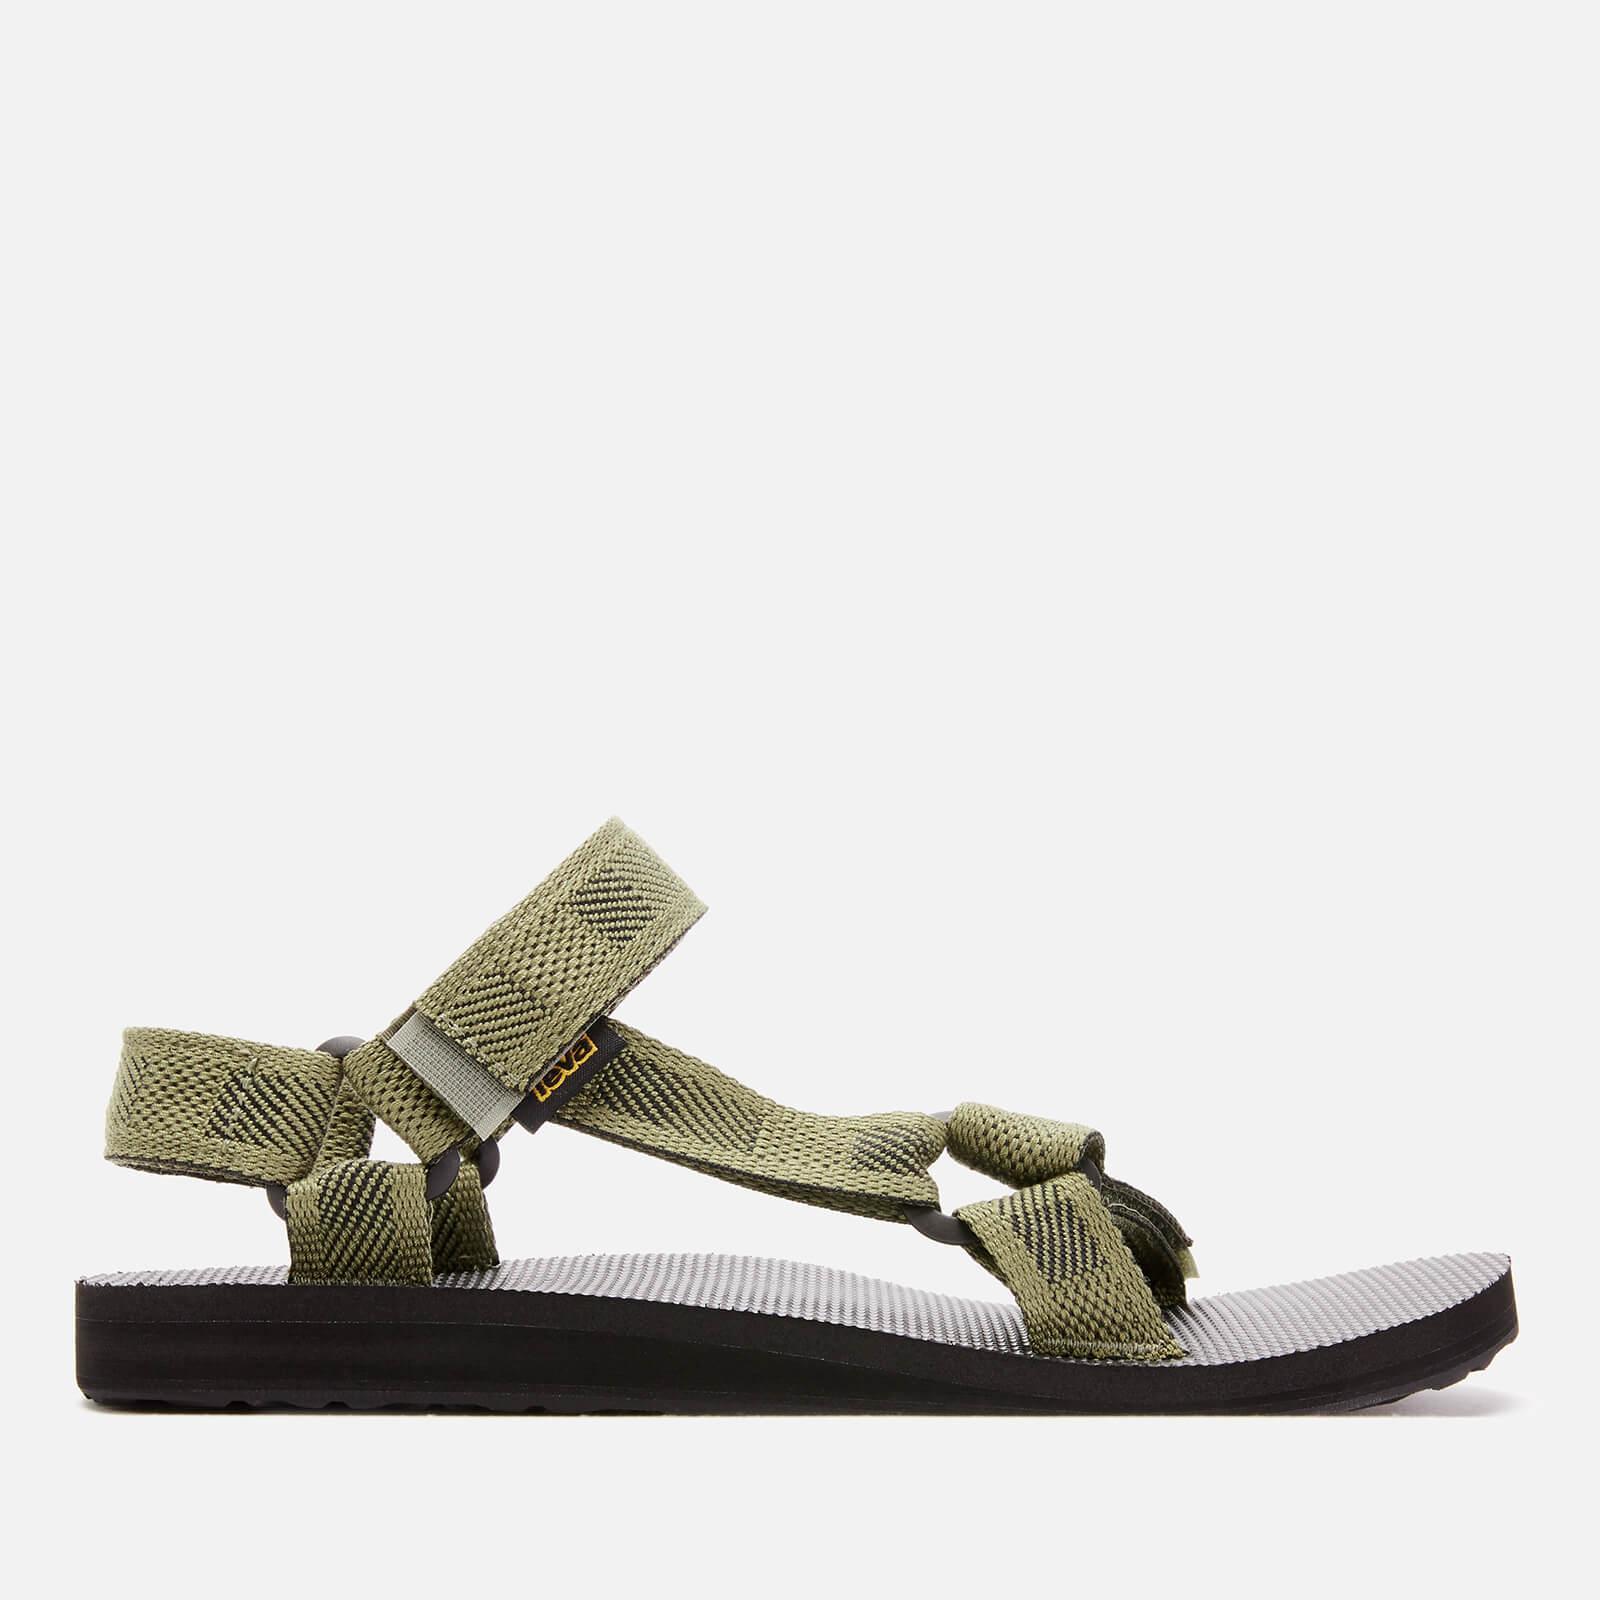 3961b2b1c4dc Lyst - Teva Original Universal Sandals in Green for Men